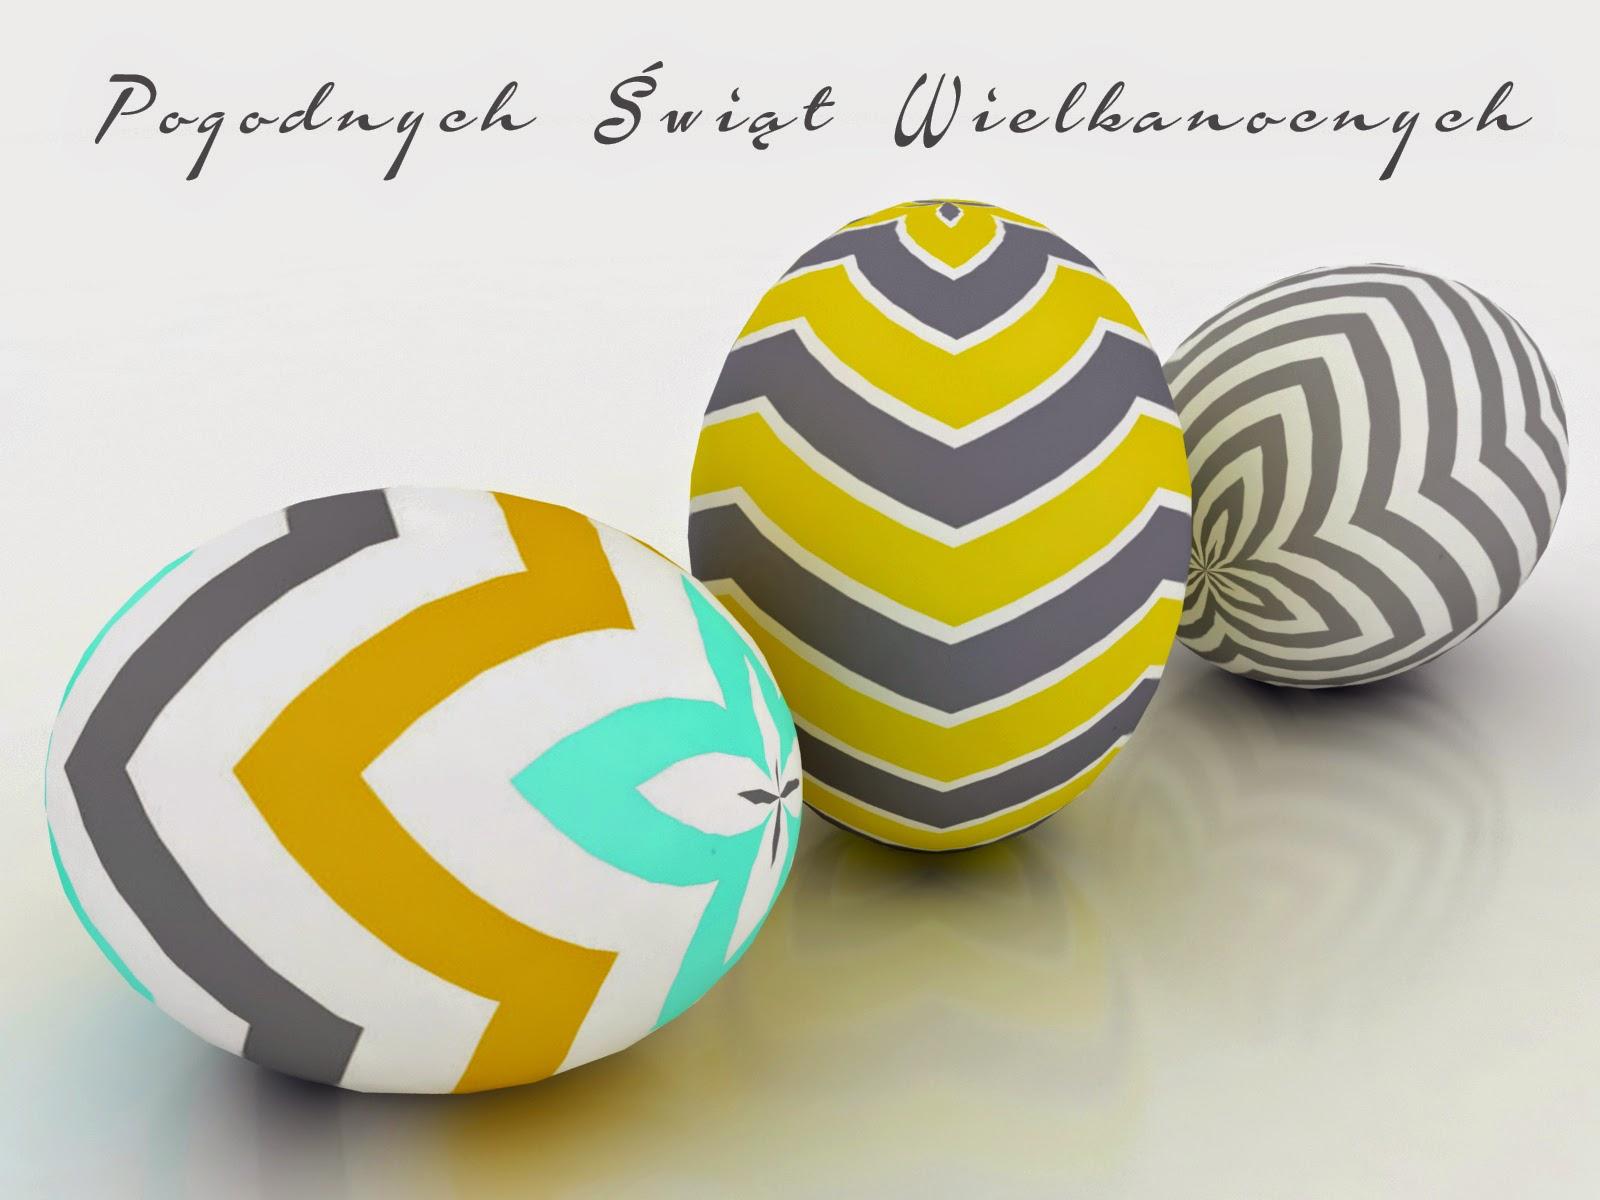 Wielkanoc-kartka świąteczna-życzenia wielkanocne